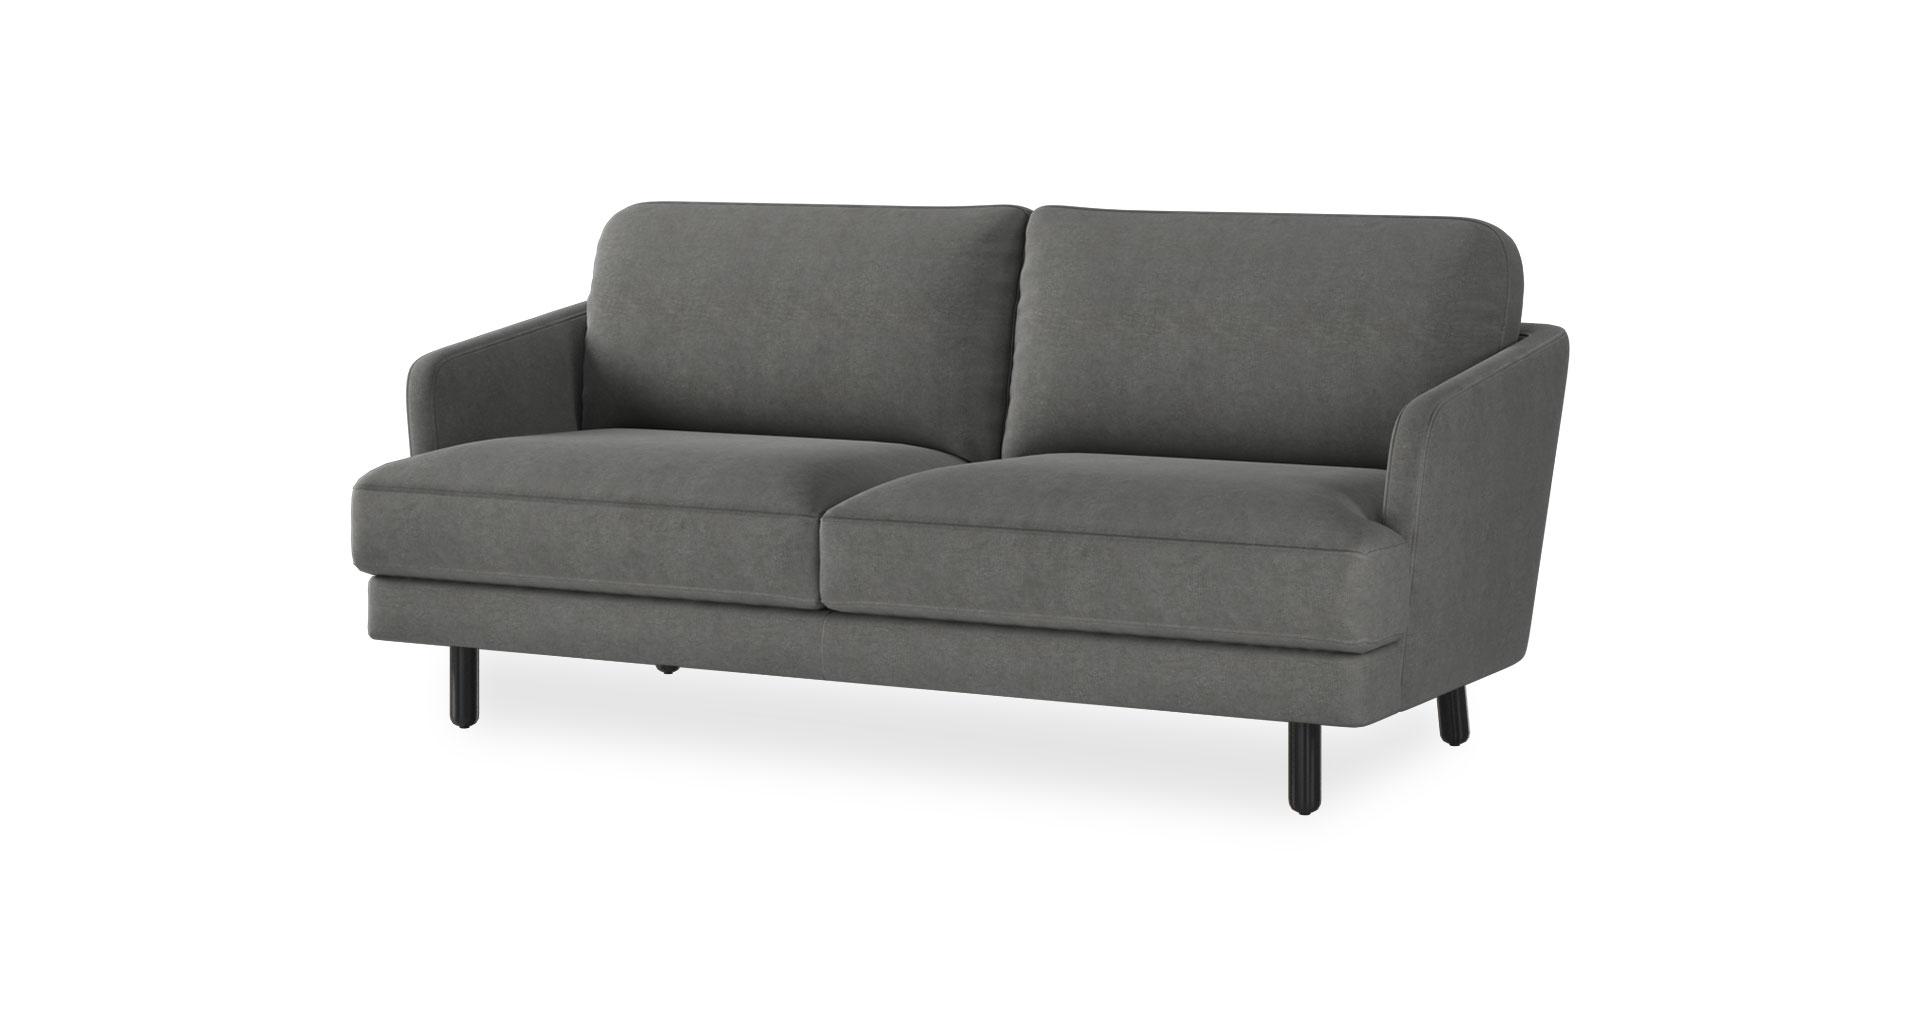 ספה יוקון דו מושבית בגוון אפור כרומטי